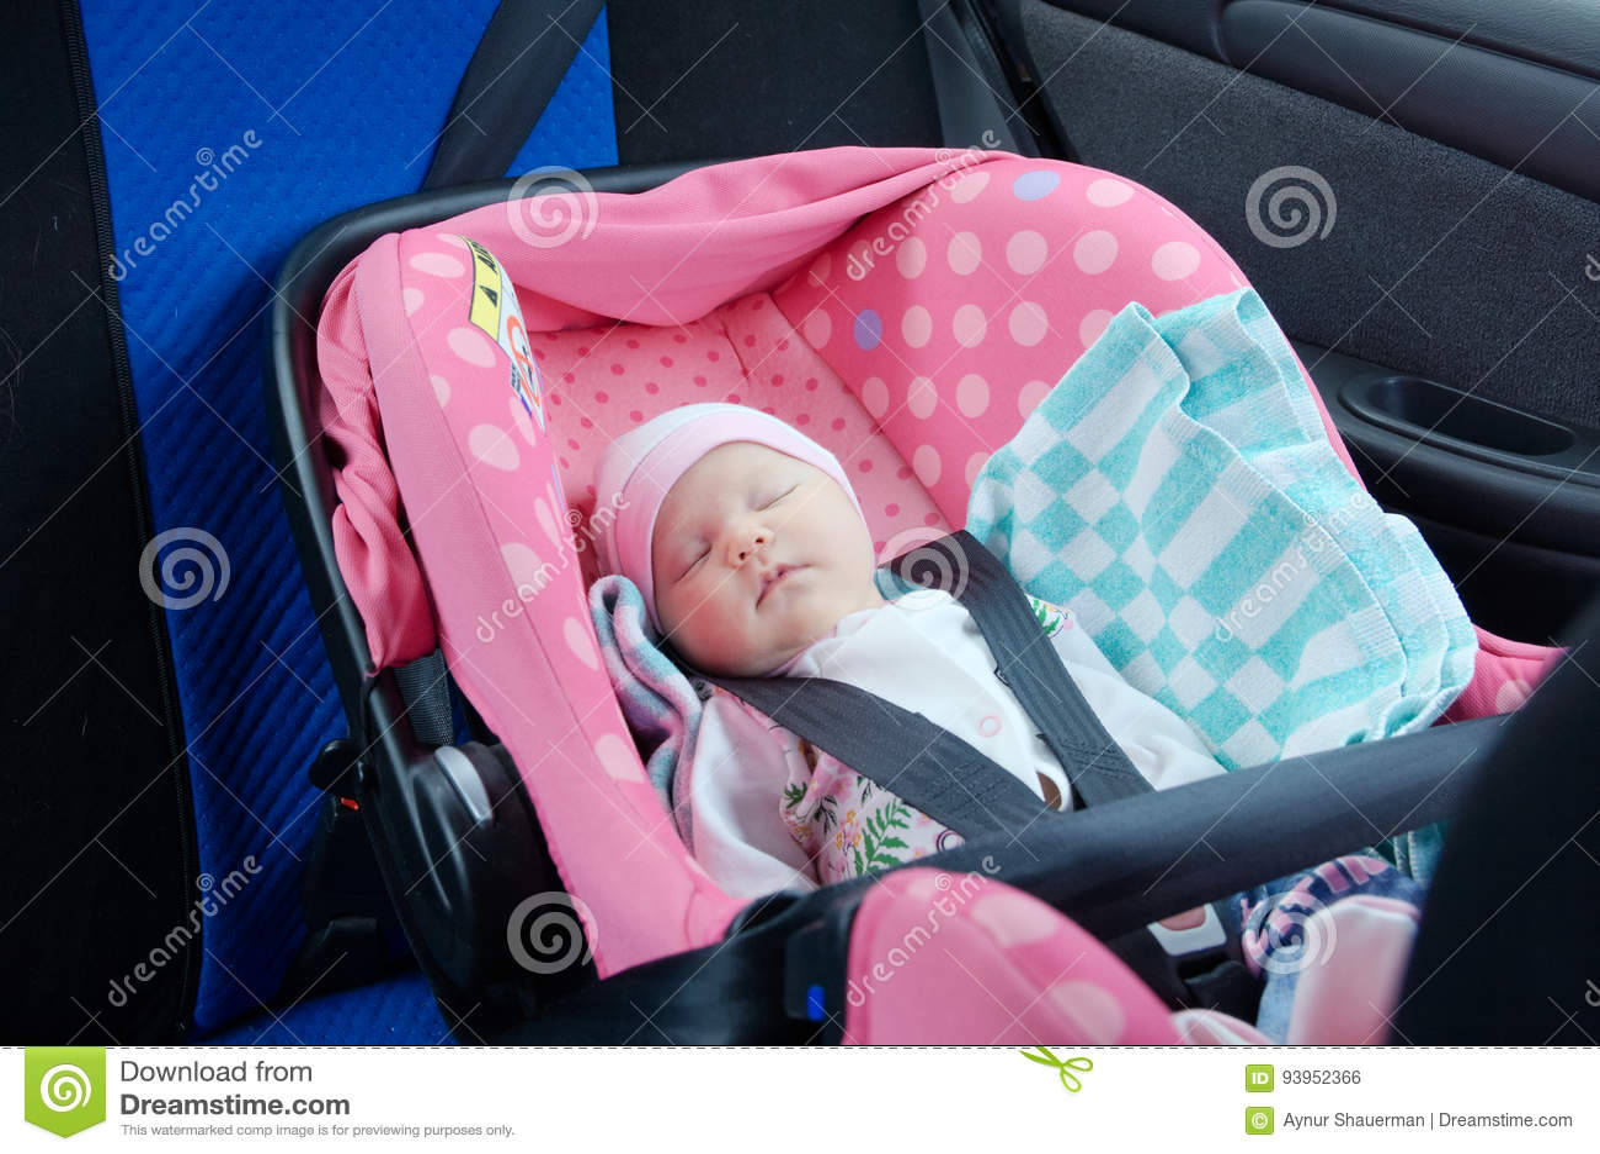 bf0633f27 El dormir recién nacido en asiento de carro Concepto de la seguridad Bebé  infantil conducción segura